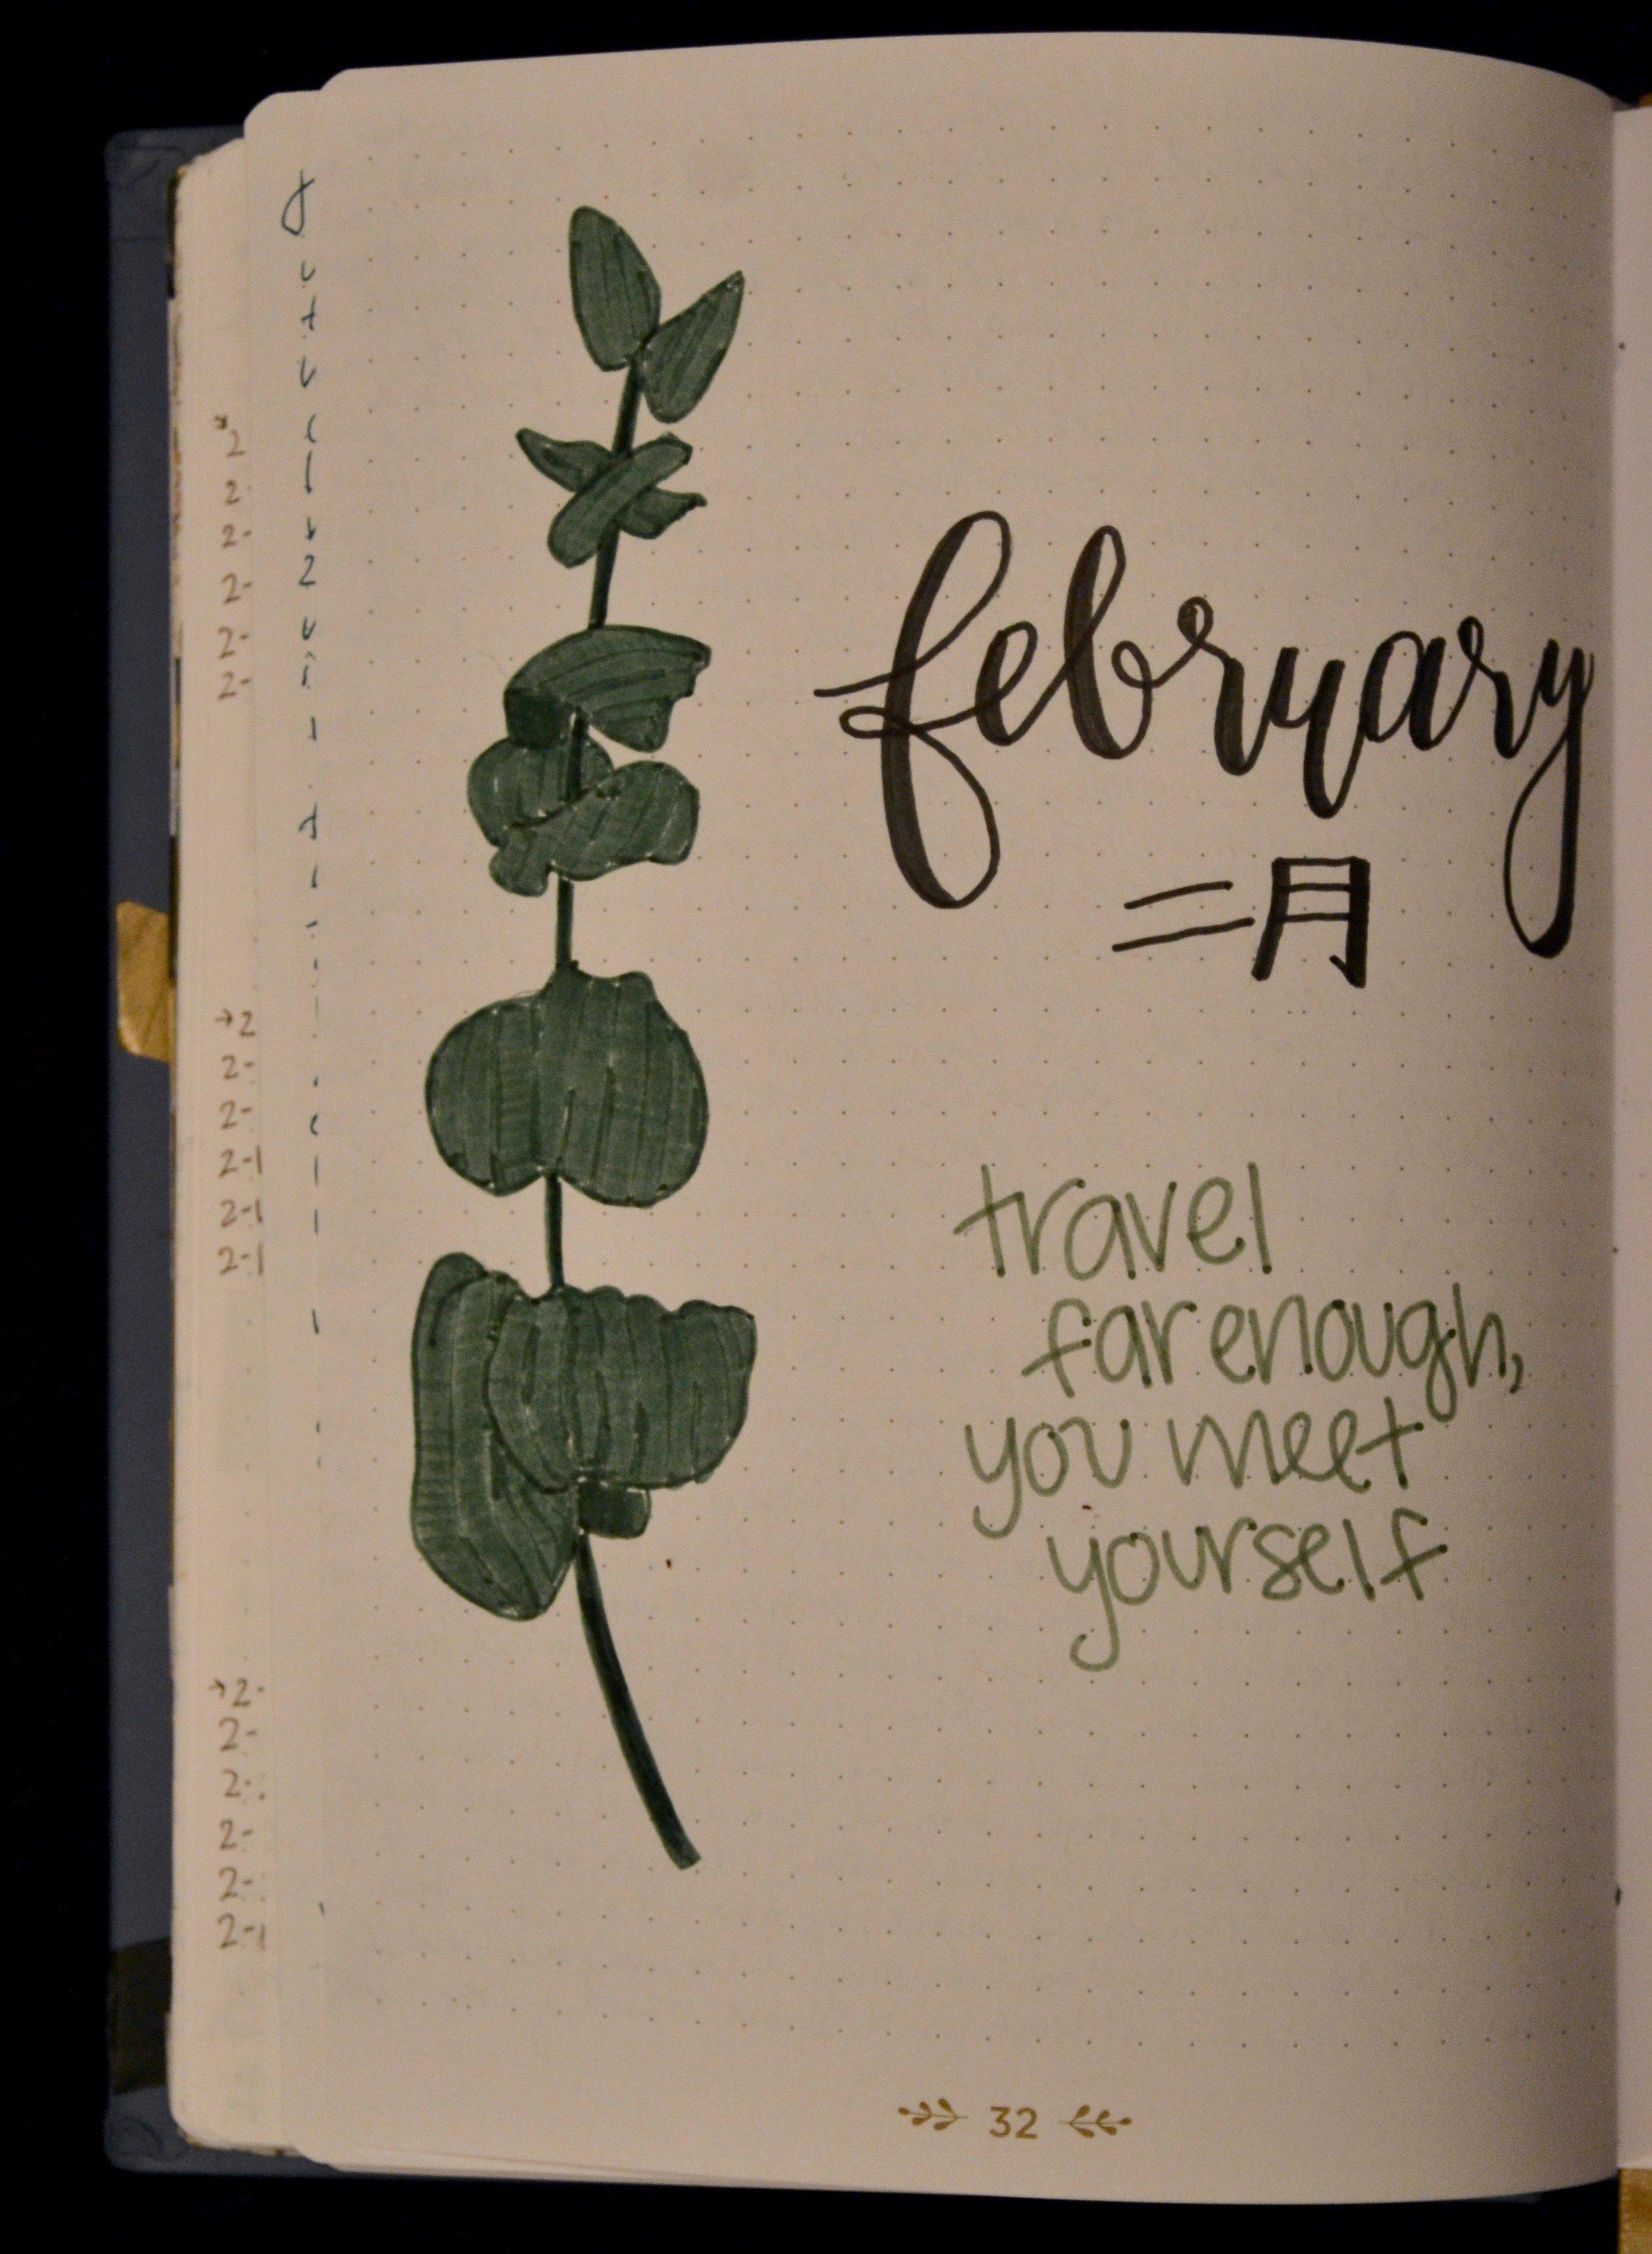 Cada vez que un mes nuevo comienza, yo dibujo una página para separar los experiencias de ese mes.